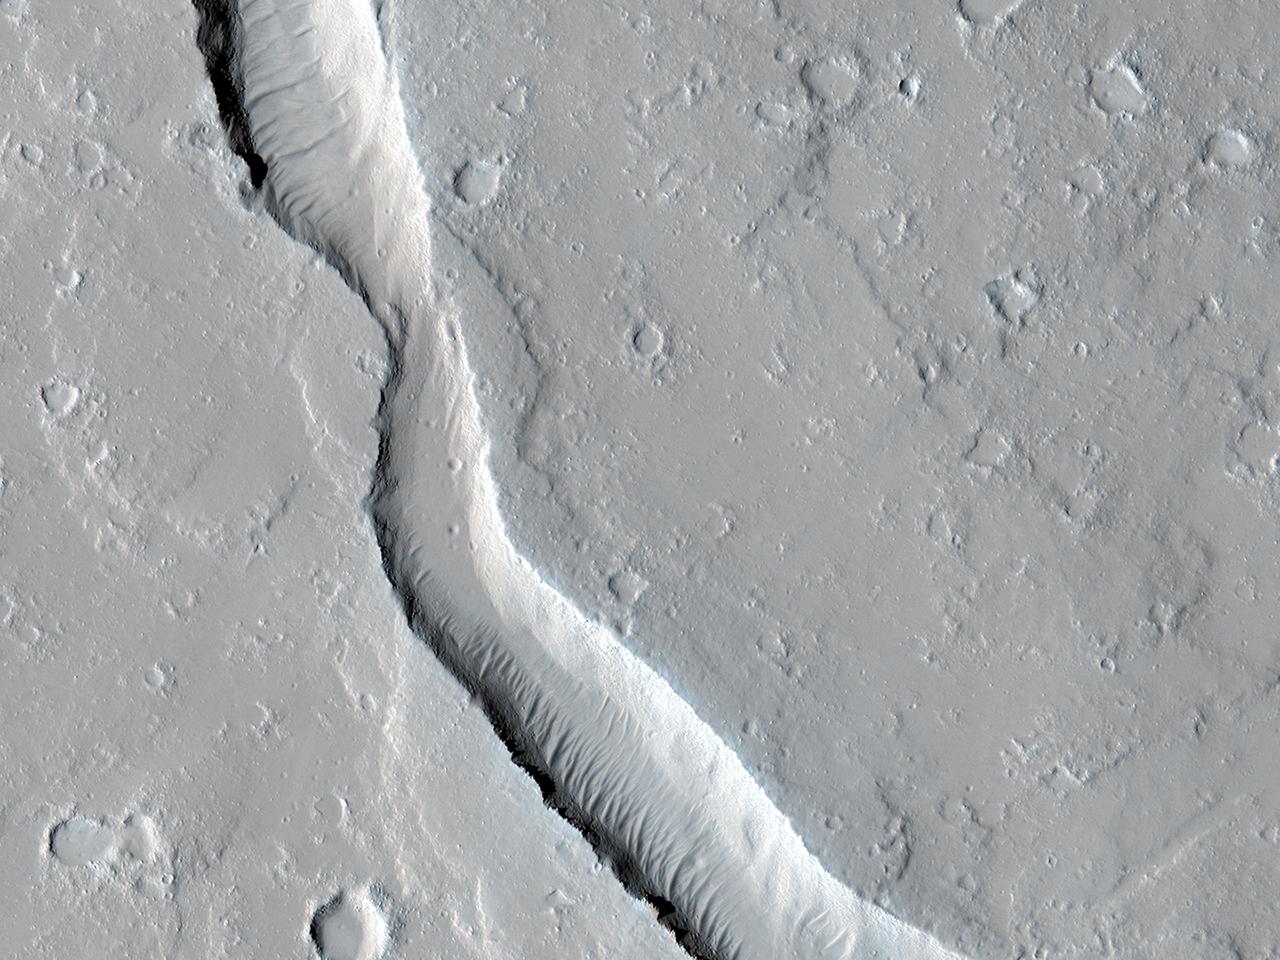 Flusso lavico vicino la base dell'Olympus Mons